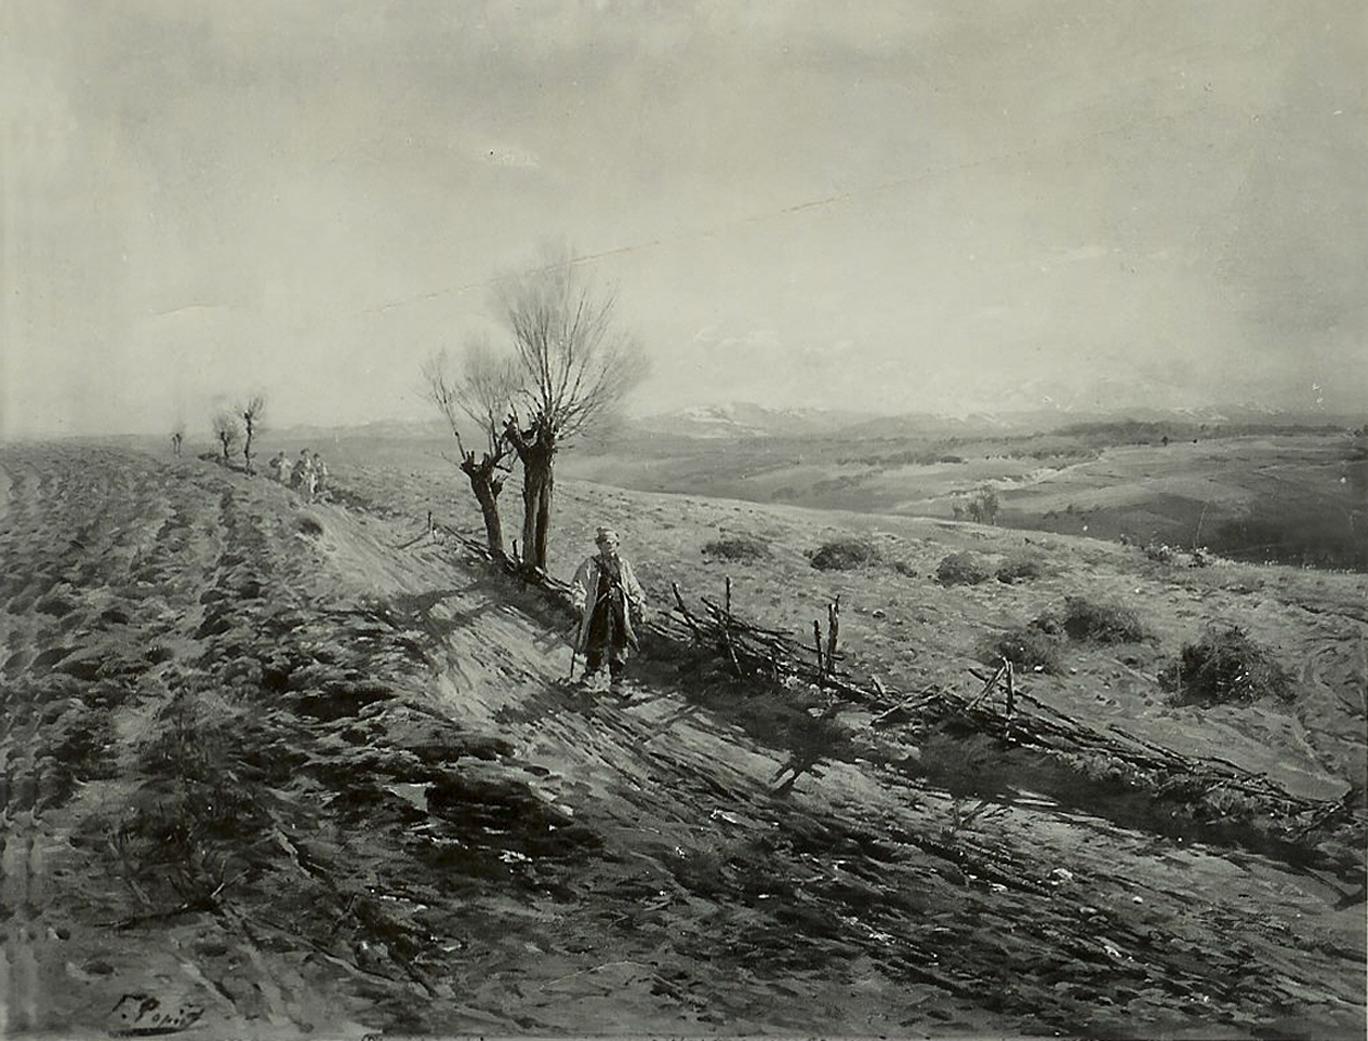 Тадеуш Попель. Ескіз з натури пейзажа для Панорами Рацловіцької, 1894